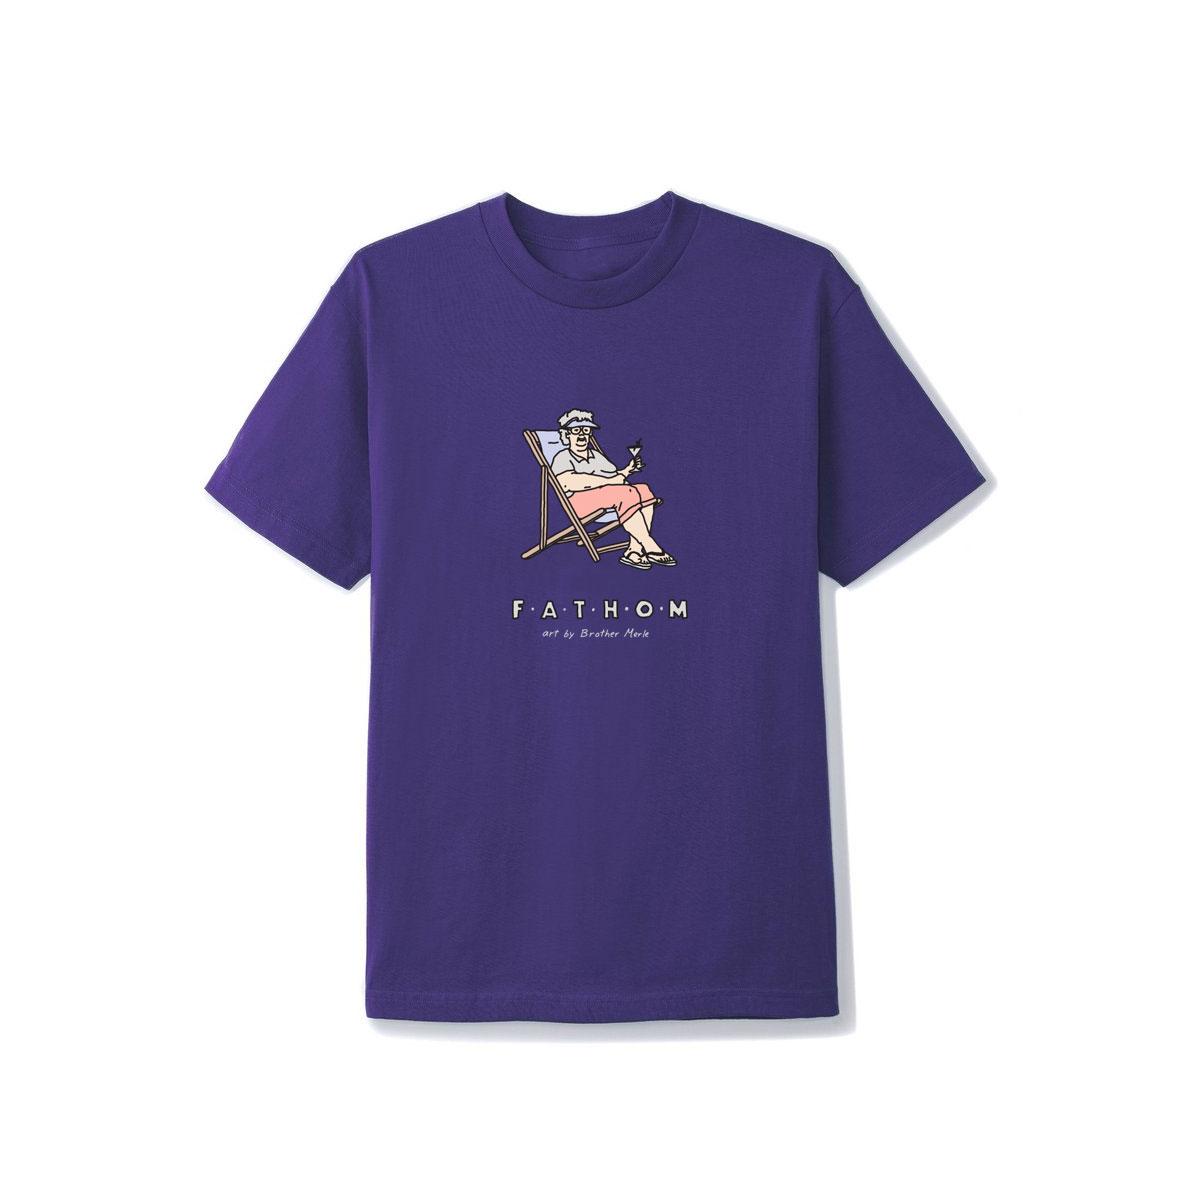 BrotherMerle-Fathom-Tee-Purple.jpg